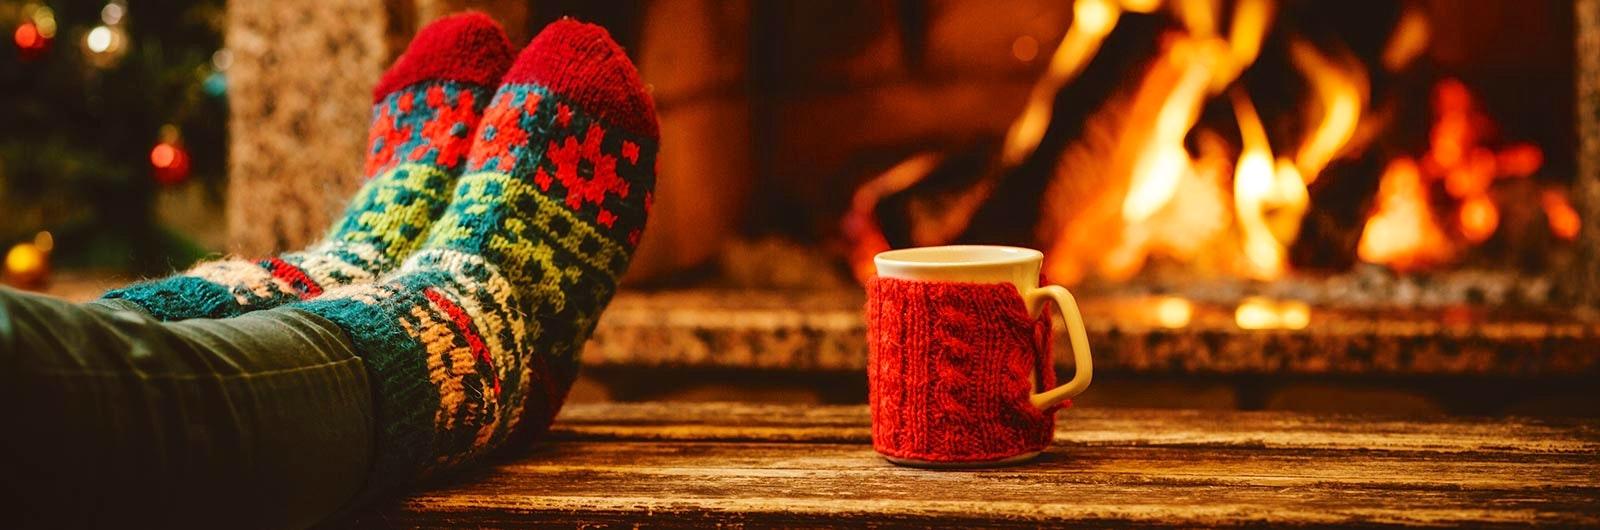 mysa framför brasa på julen